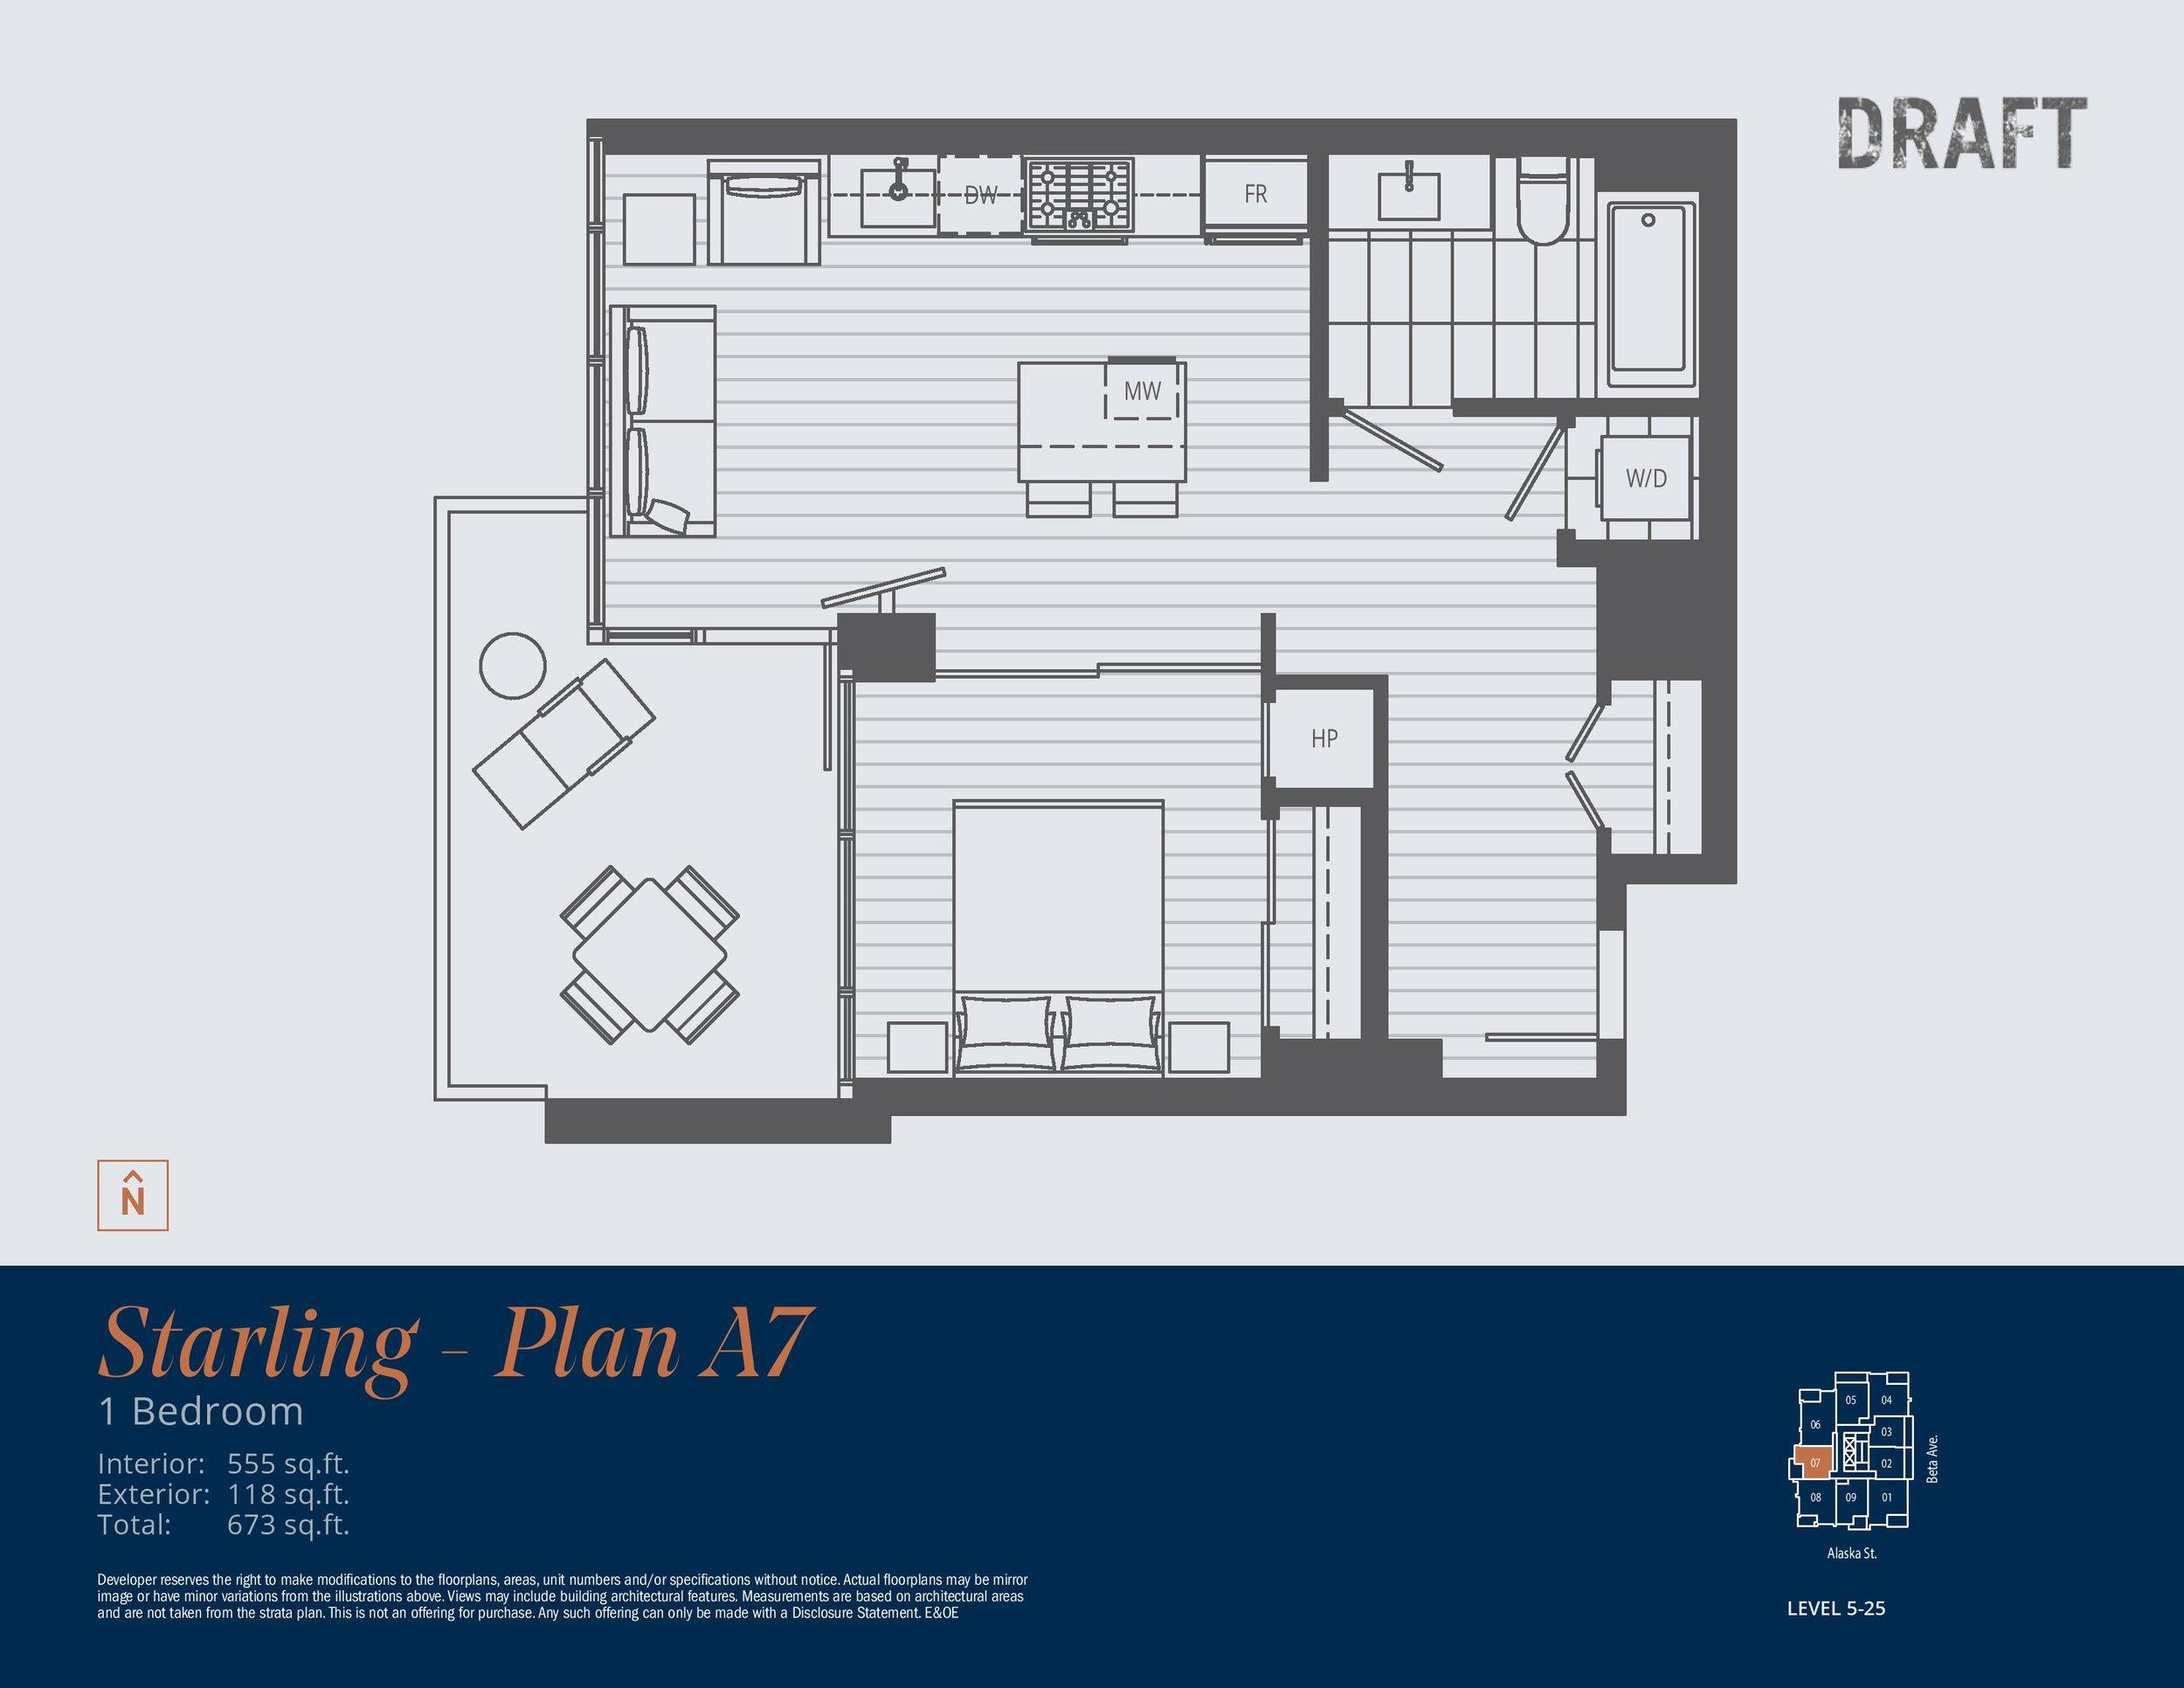 2017-09-15 Lumina Starling Akit3_Digital-page-004.jpg